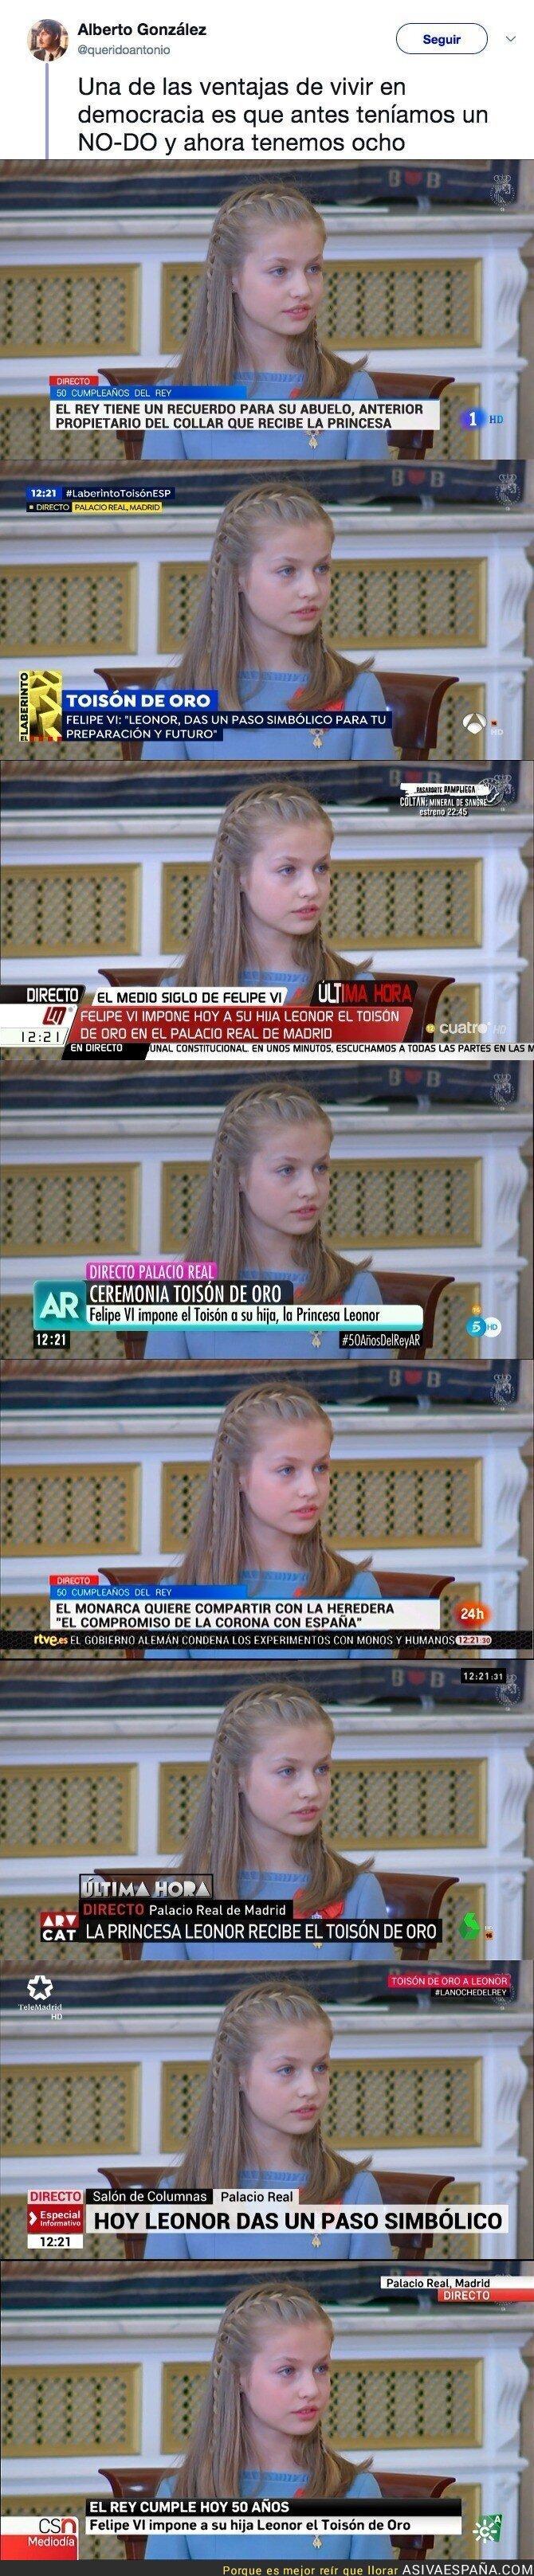 82214 - La evolución de España: de 1 NO-DO a 8